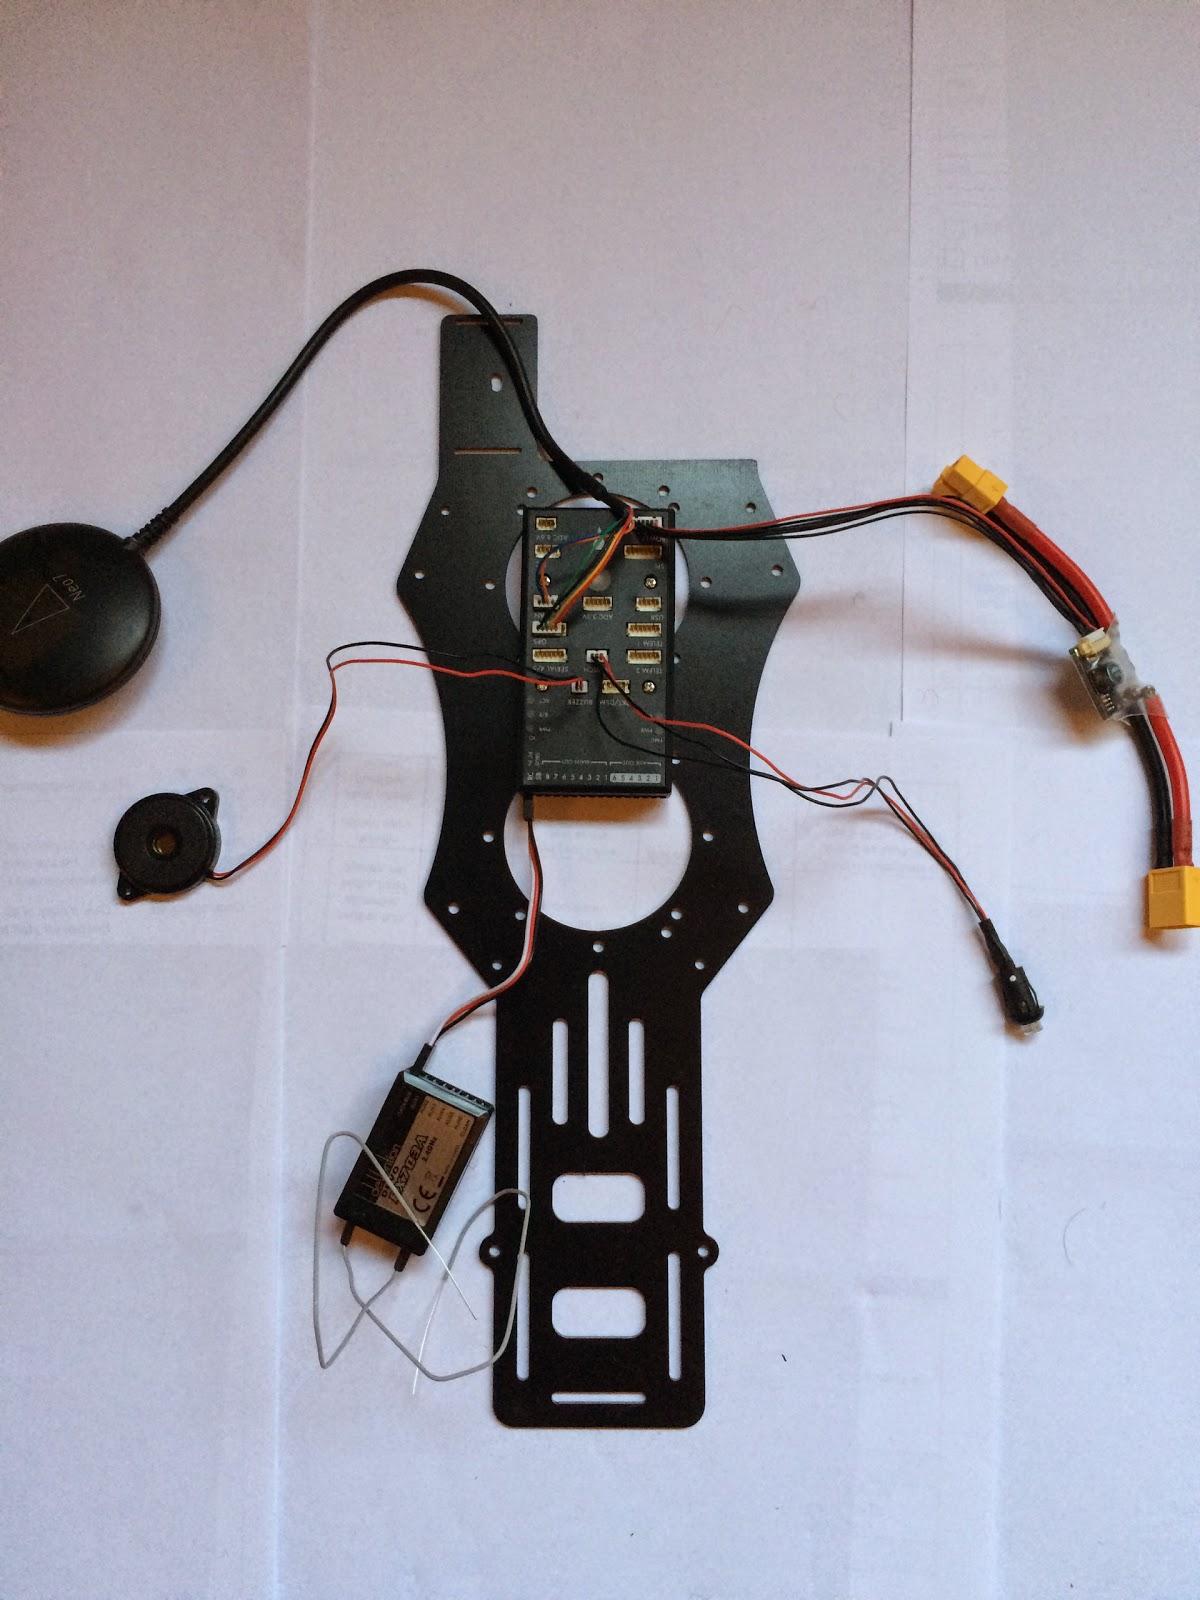 Jun\'s Scribbles: Building a cheap quad. Step 3: Setup the HK Pilot32 ...